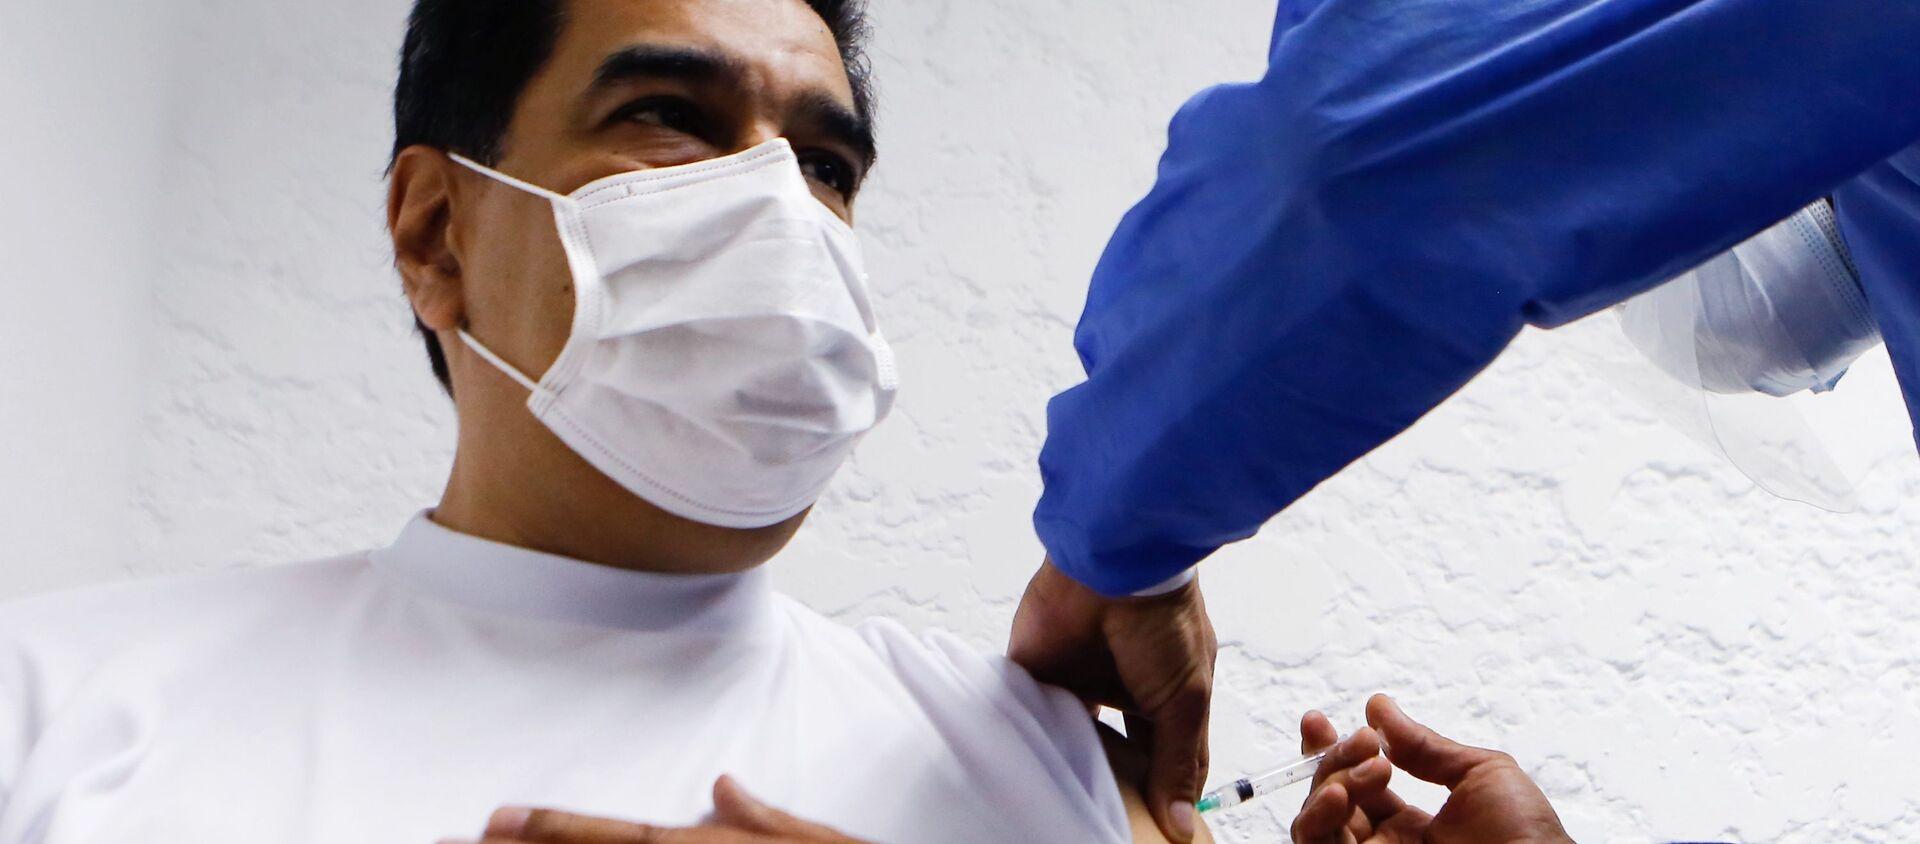 Prezydent Wenezueli Maduro zaszczepiony szczepionką Sputnik V - Sputnik Polska, 1920, 08.03.2021